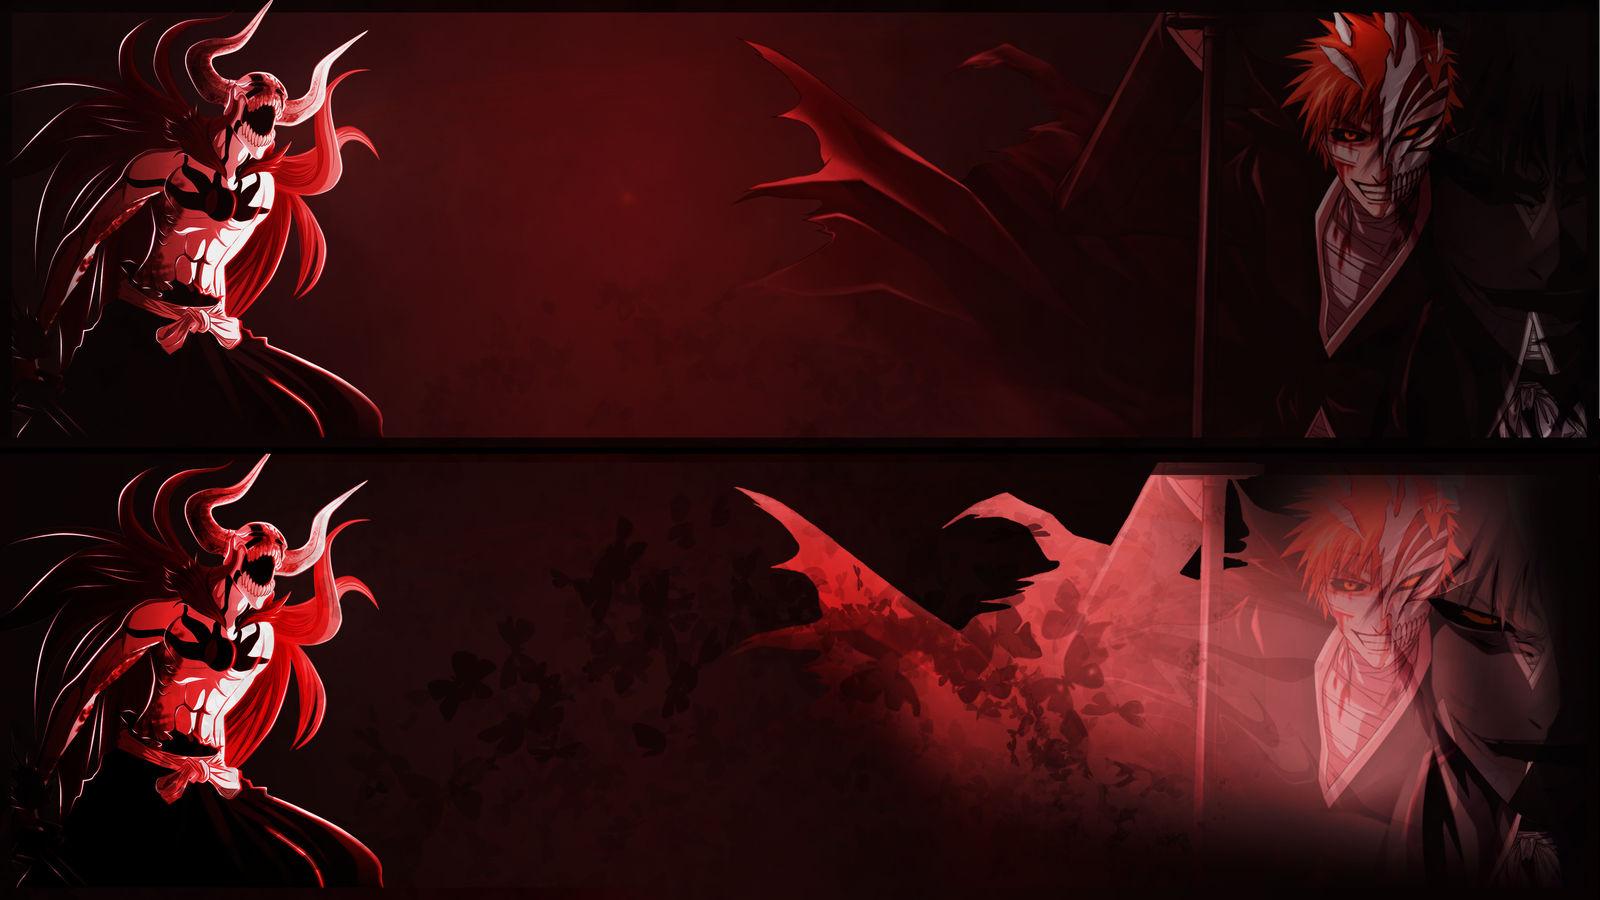 Ichigo by Teeth-Man